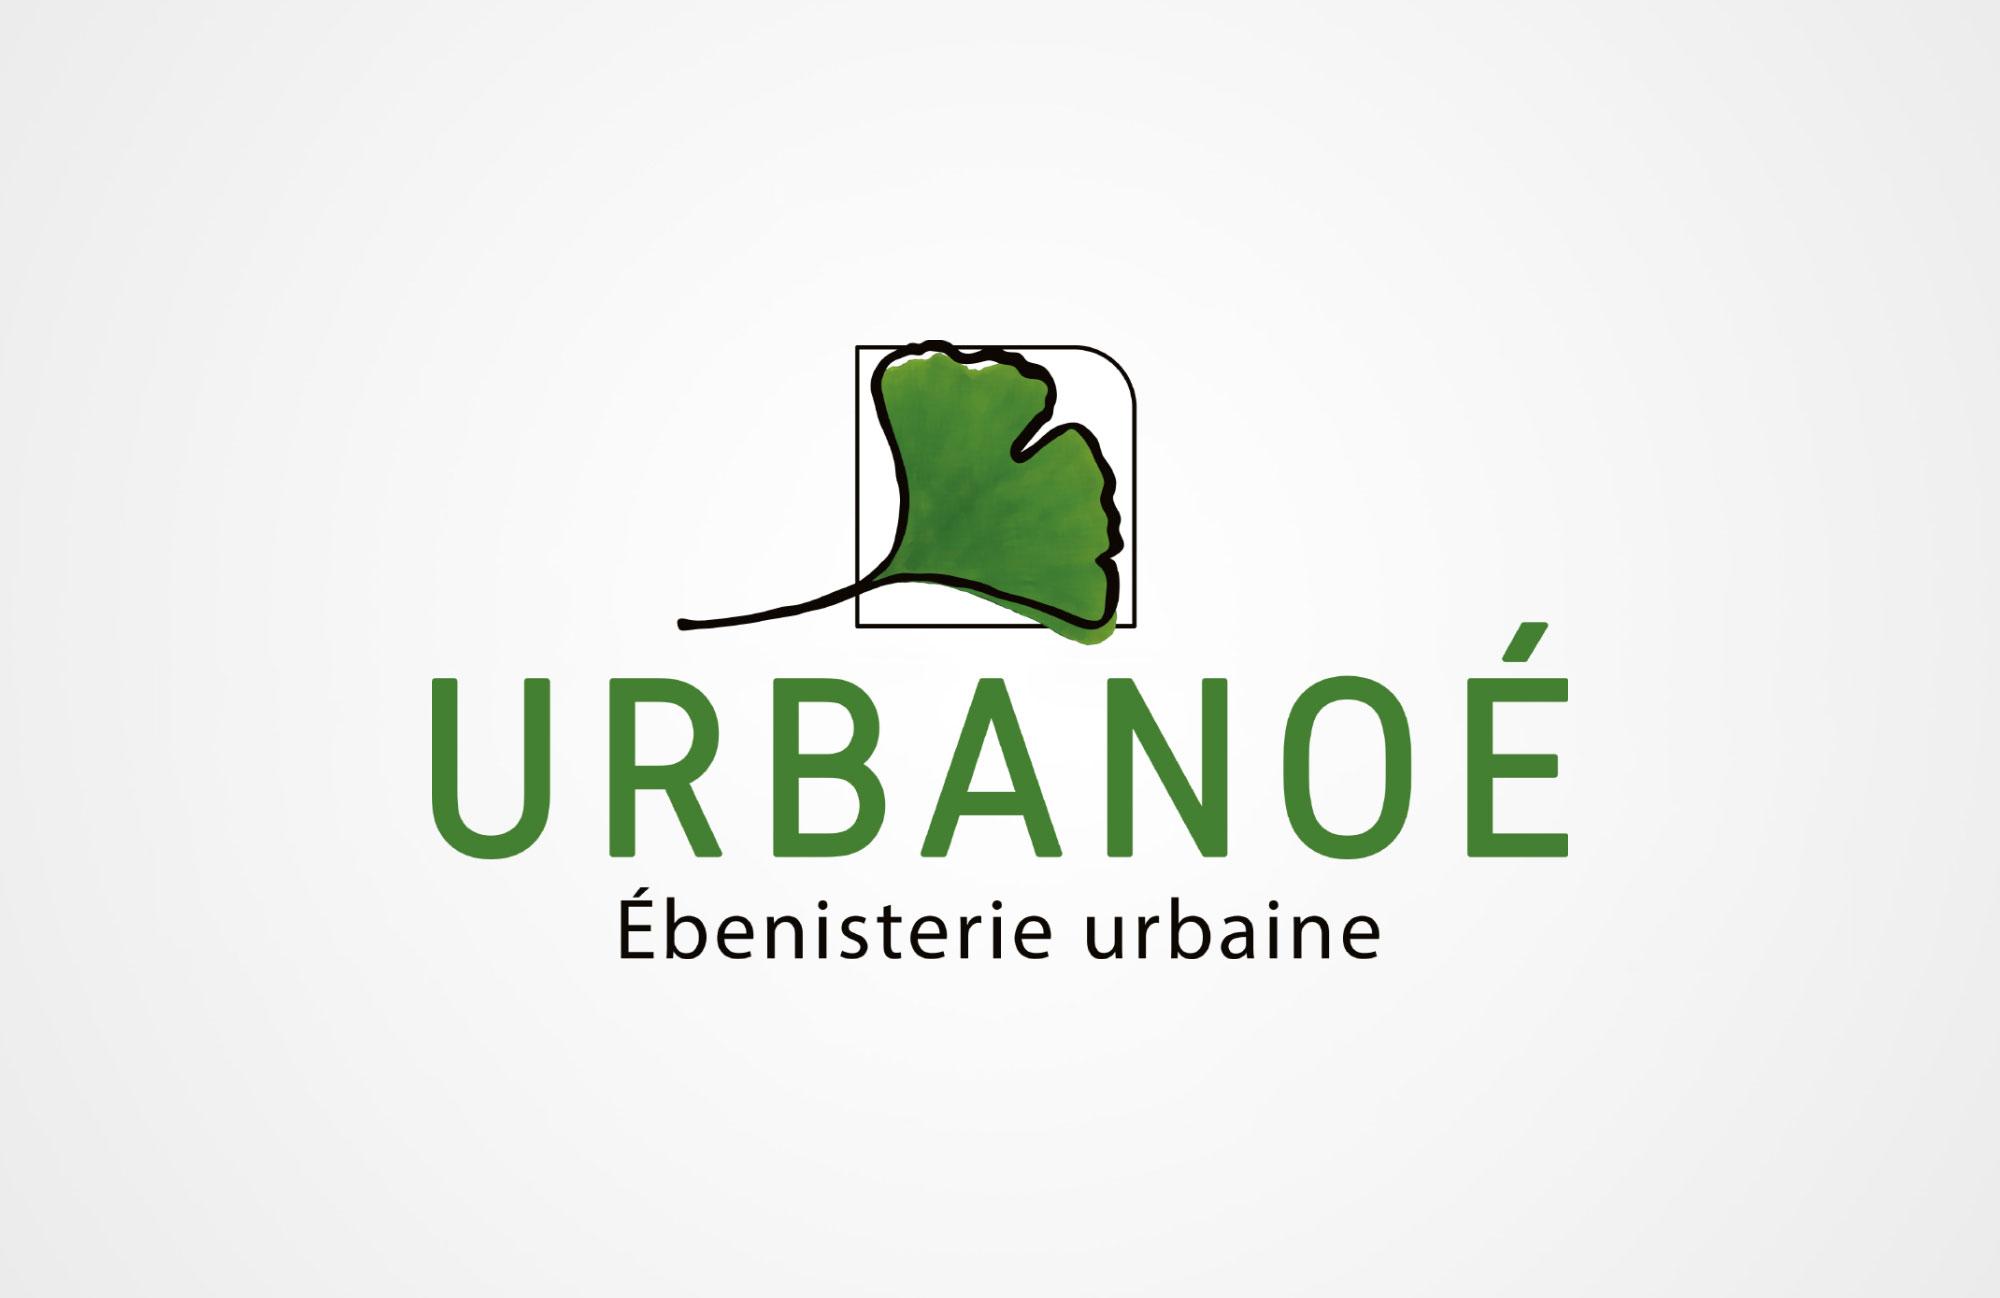 Logo Urbanoé Ébénisterie Urbaine